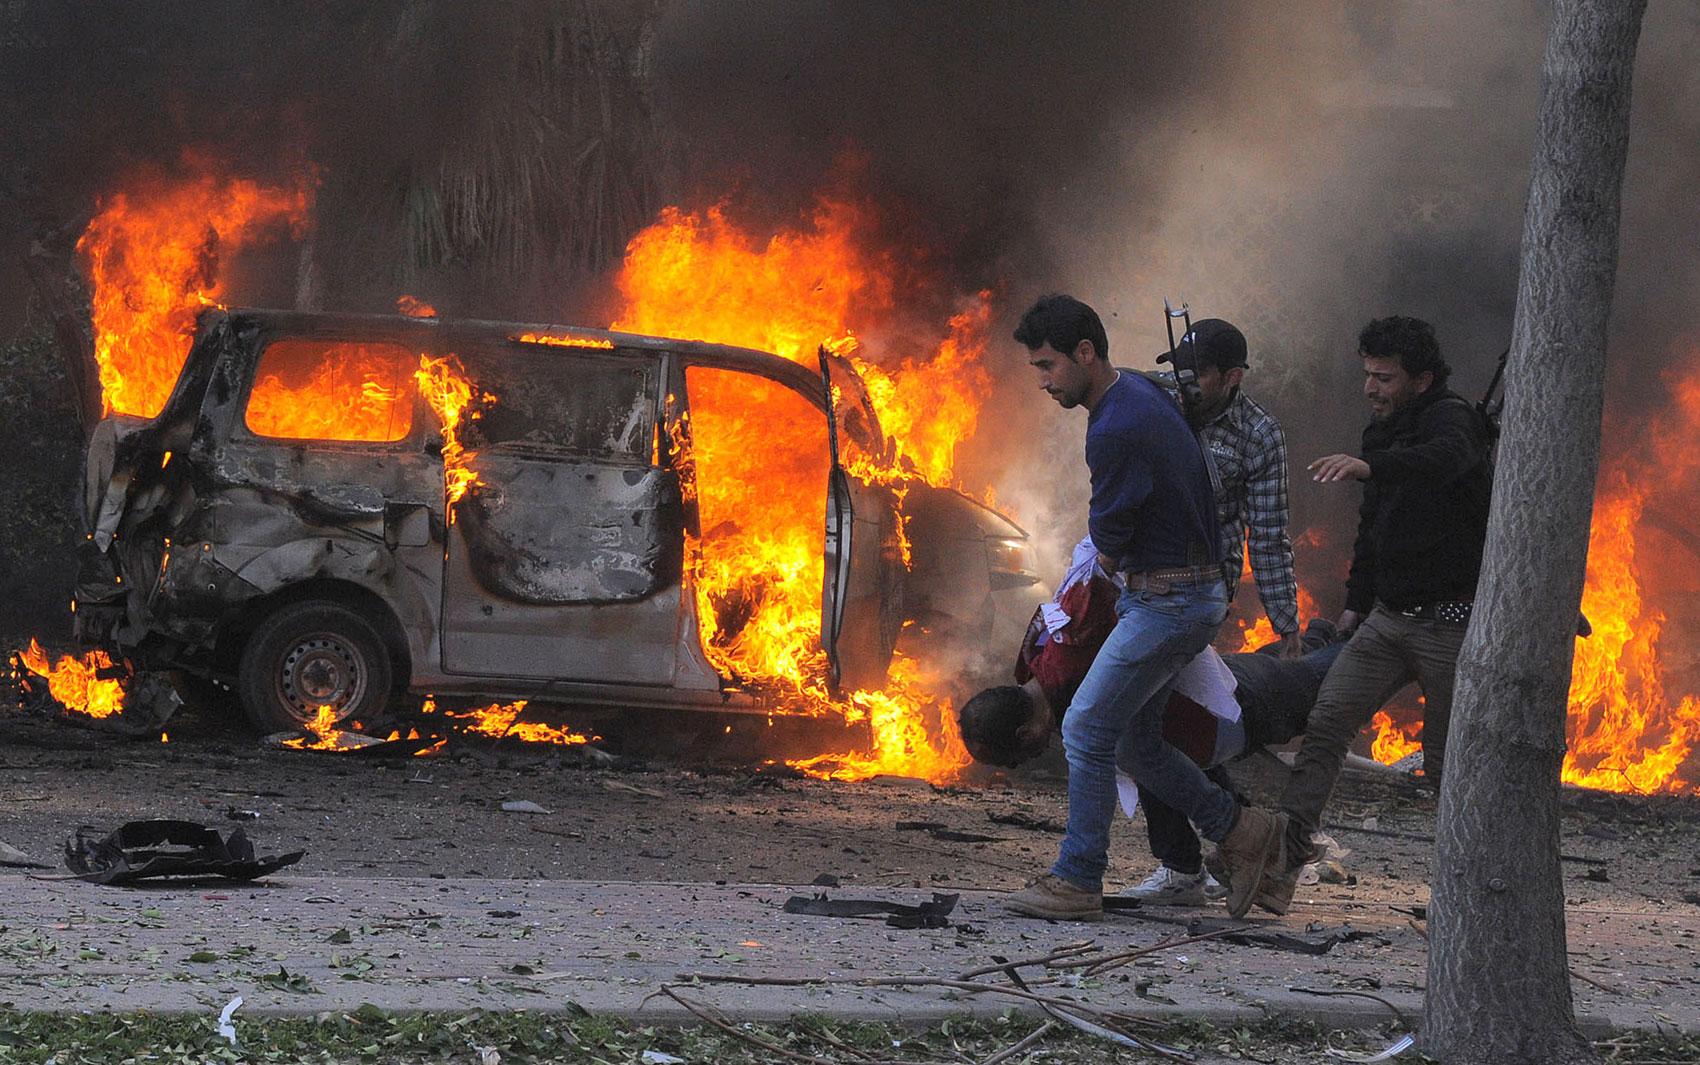 Un ataque suicida deja a 4 muertos y varios heridos en la capital de Somalia